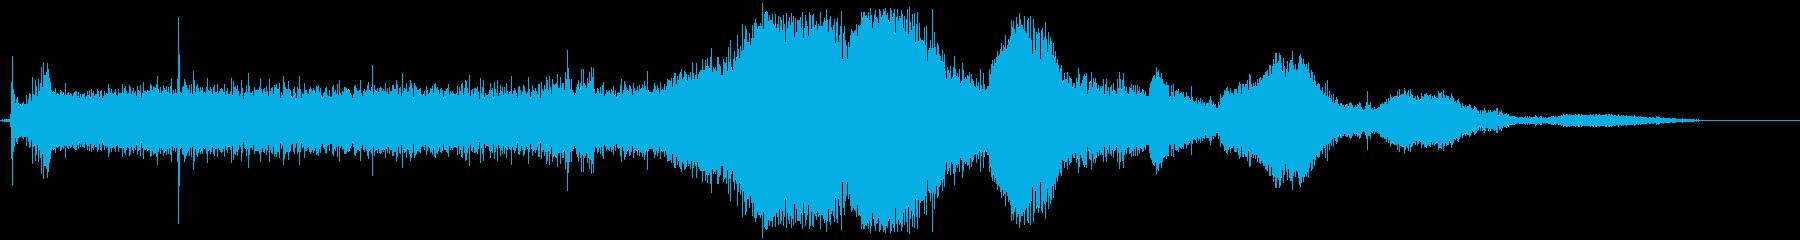 ピータービルトセミトラック:ギアシ...の再生済みの波形